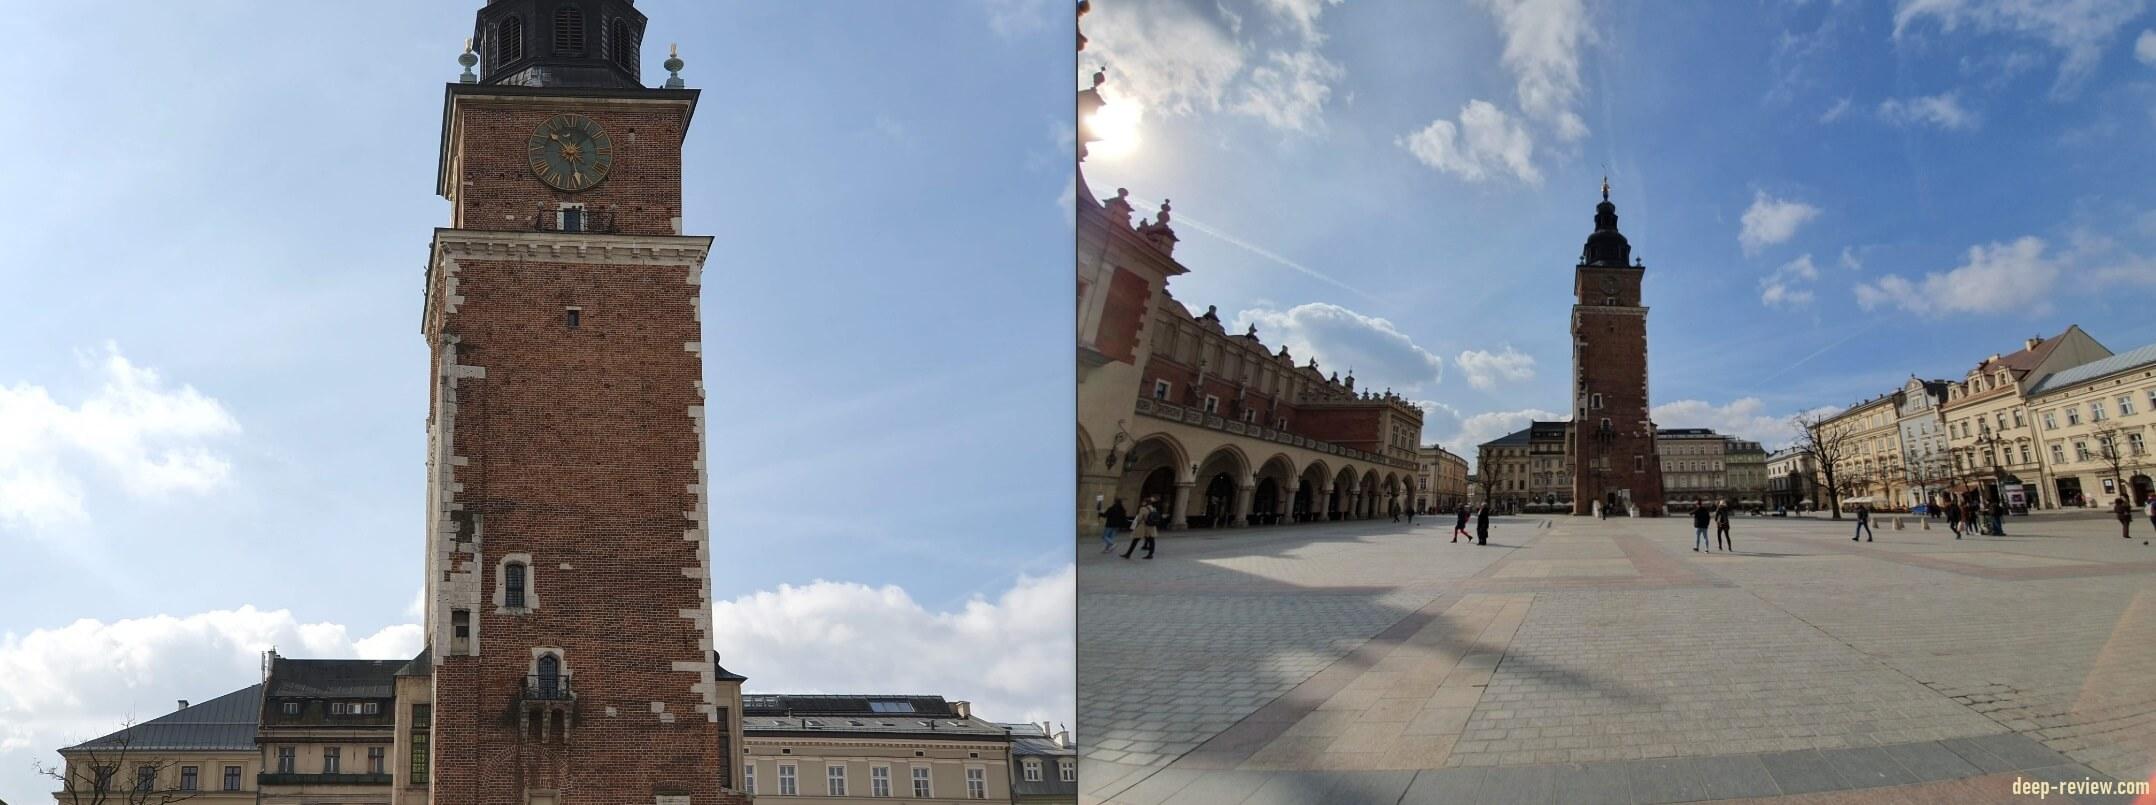 Примеры снимка на разные линзы камеры смартфона